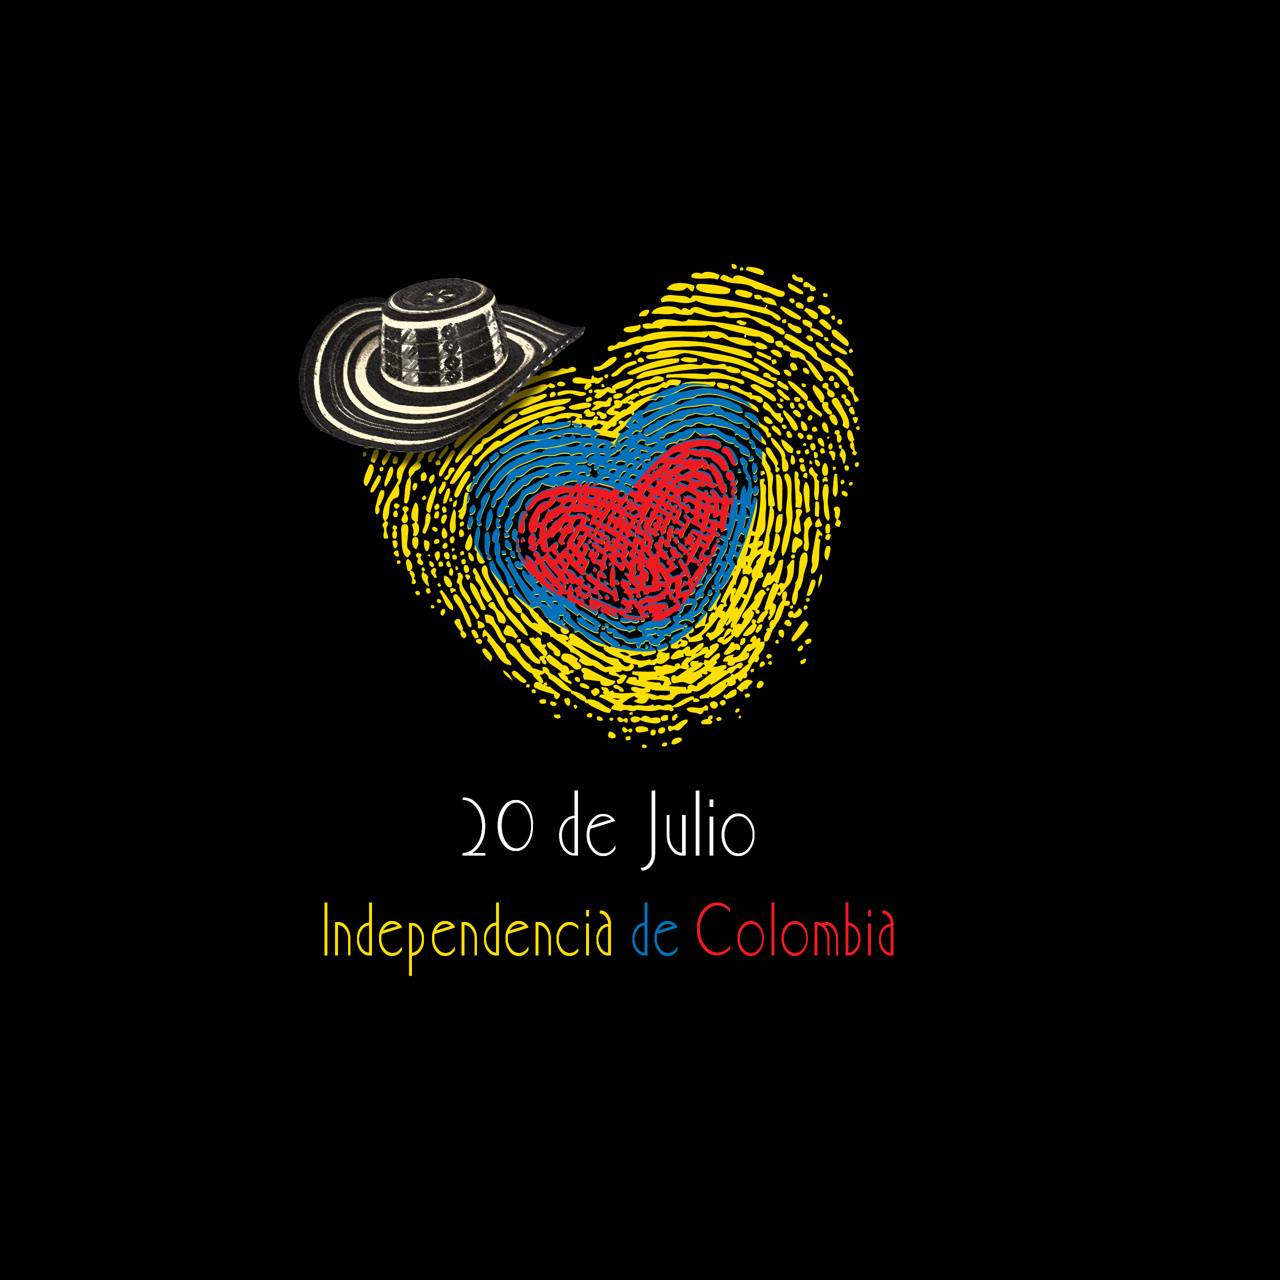 Colombia 20 Julio